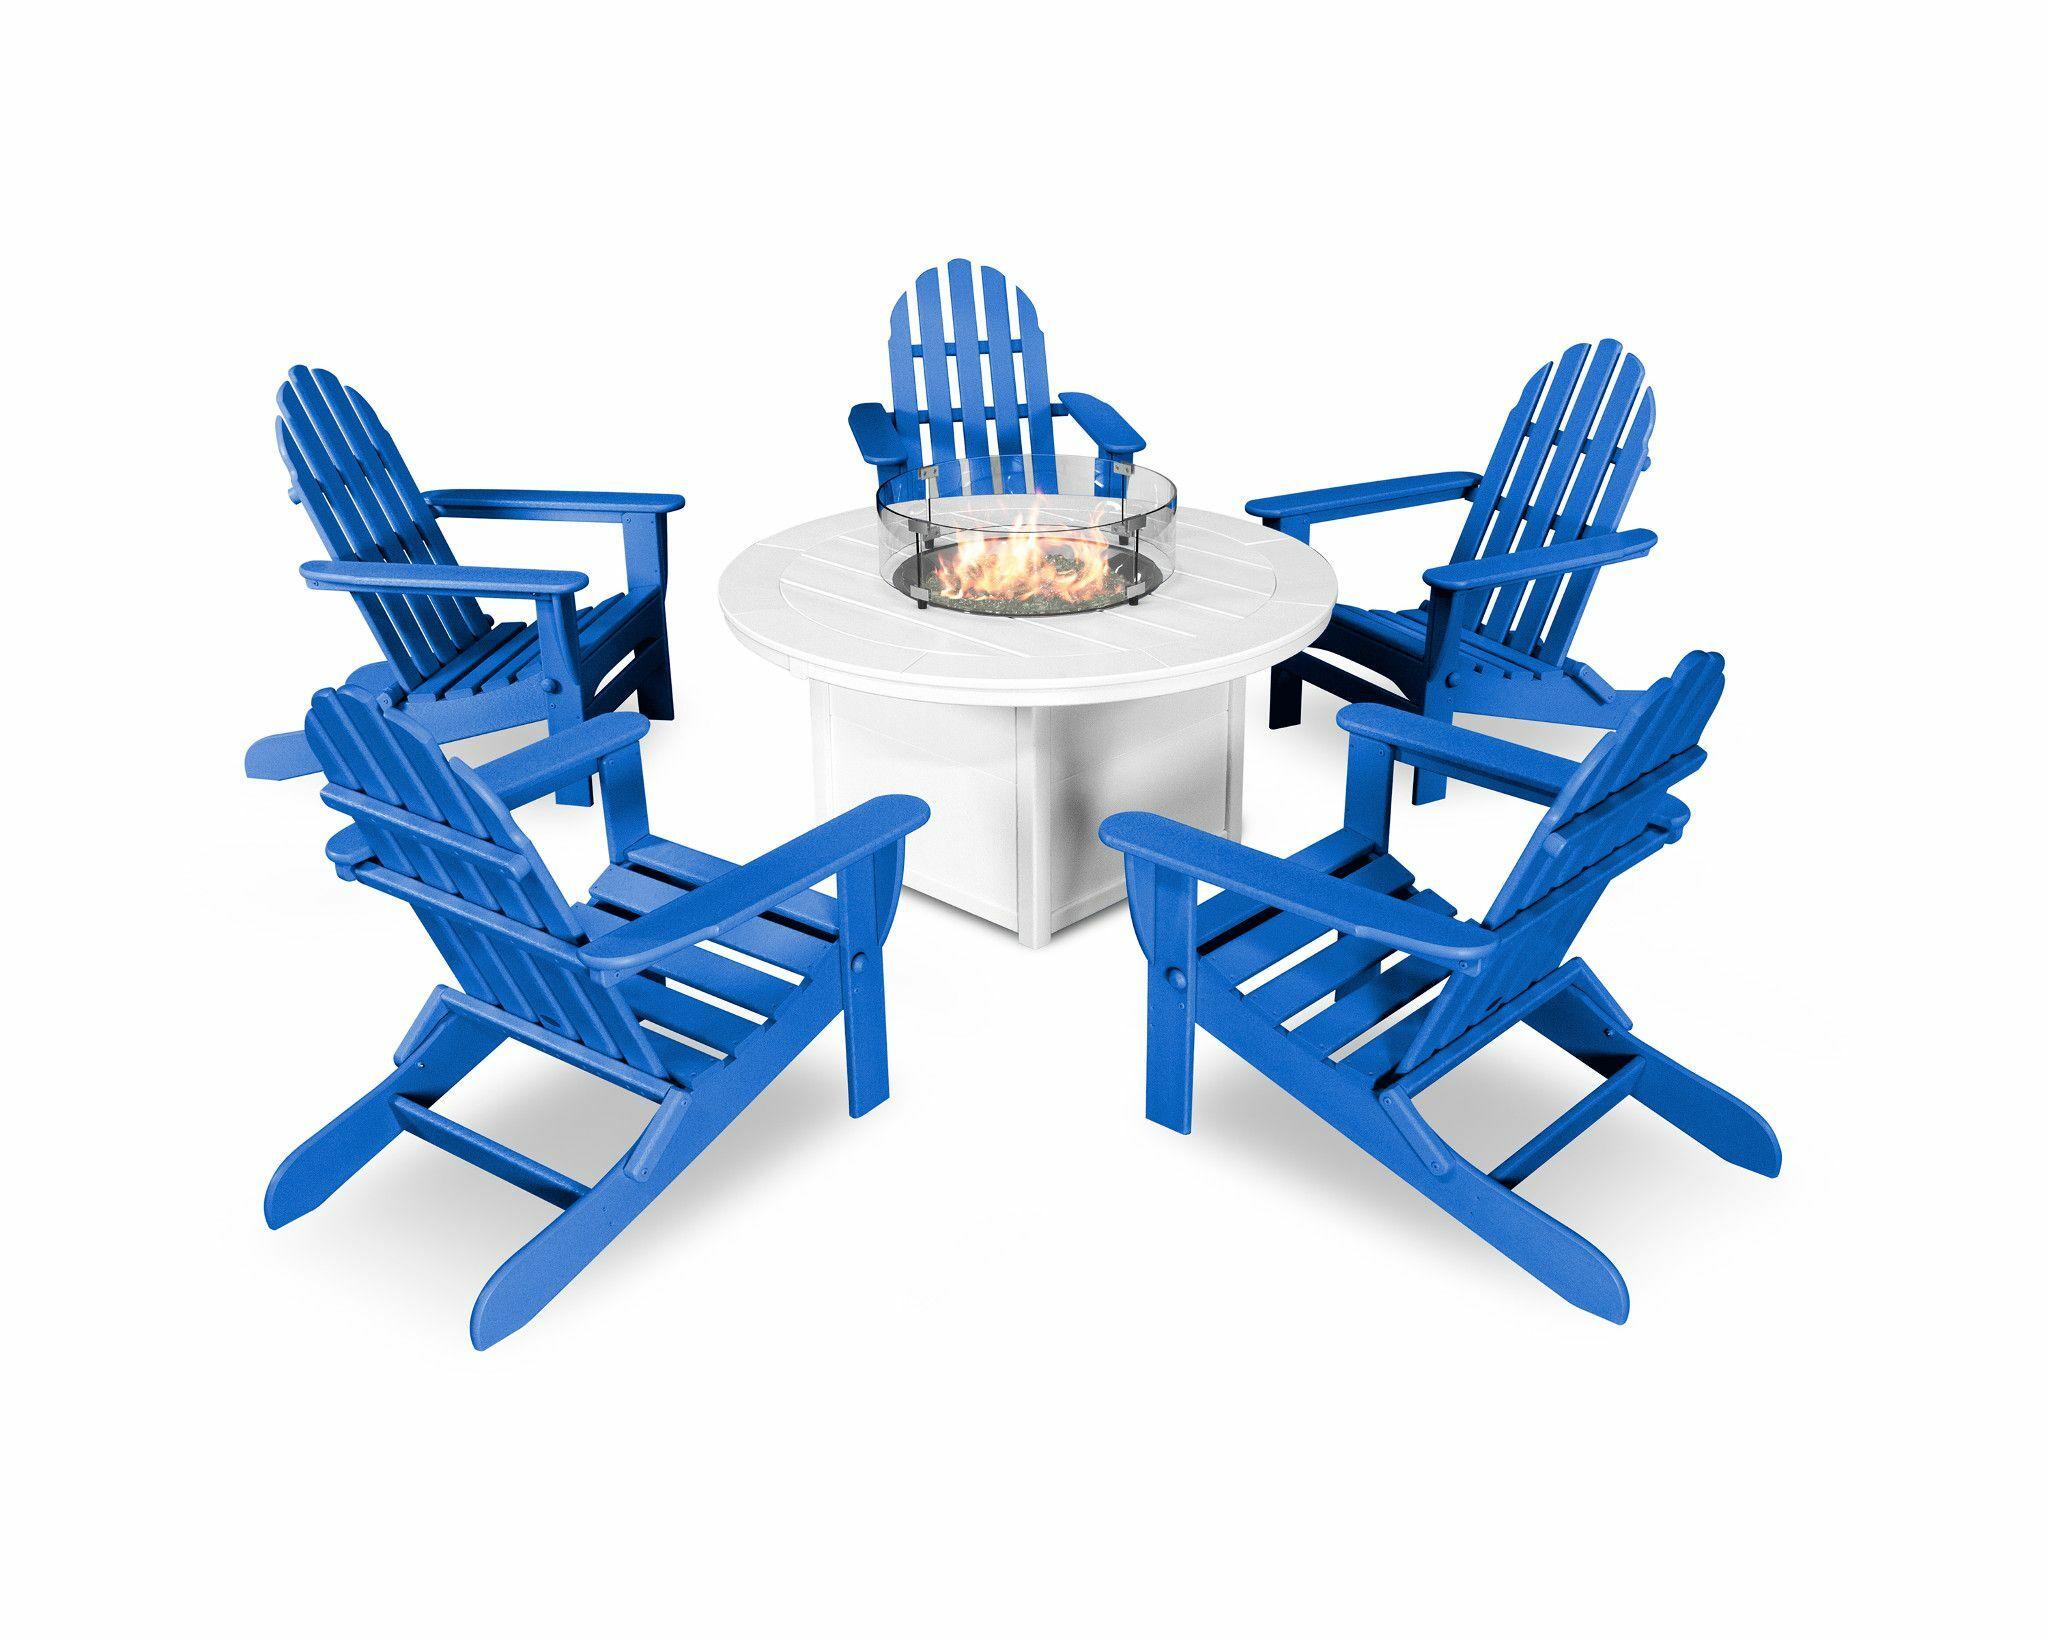 6 Piece Complete Patio Set Color: Pacific Blue/White